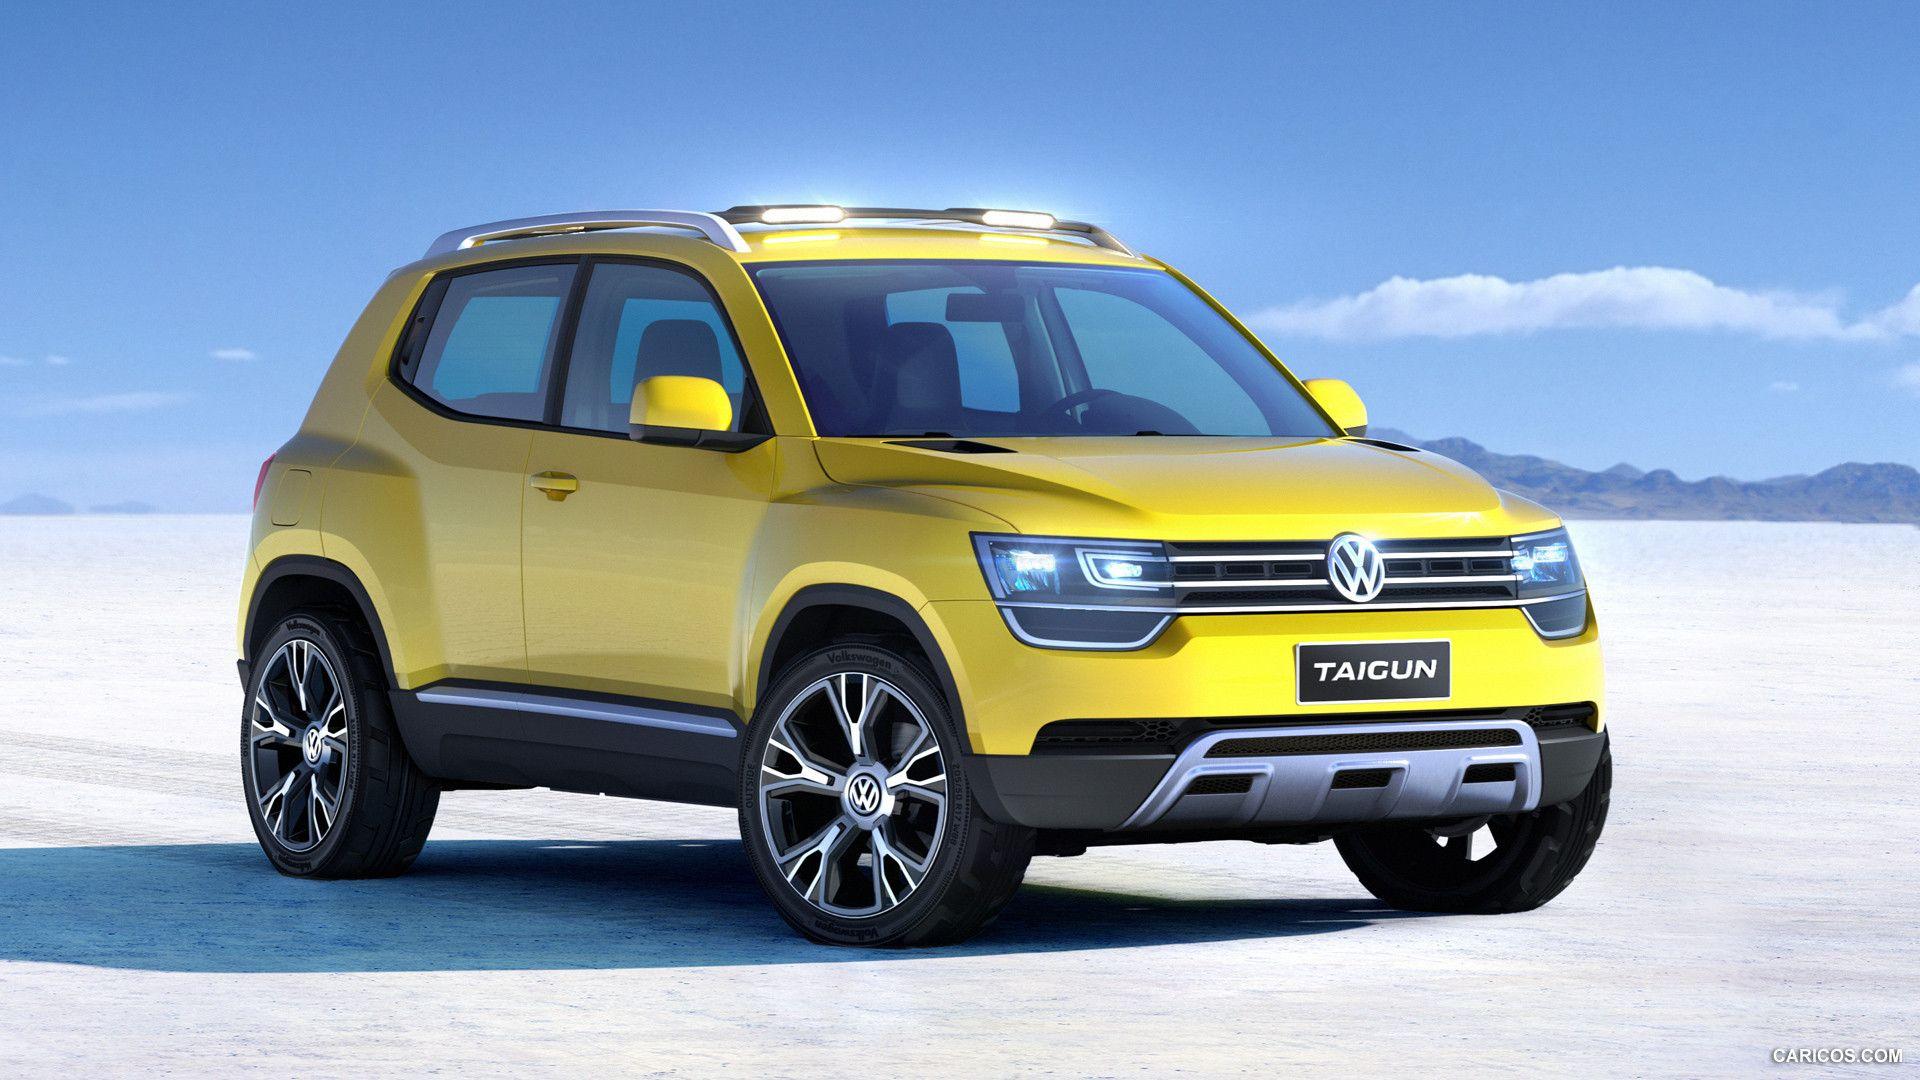 Volkswagen Taigun Suv Concept Volkswagen Compact Suv Suv